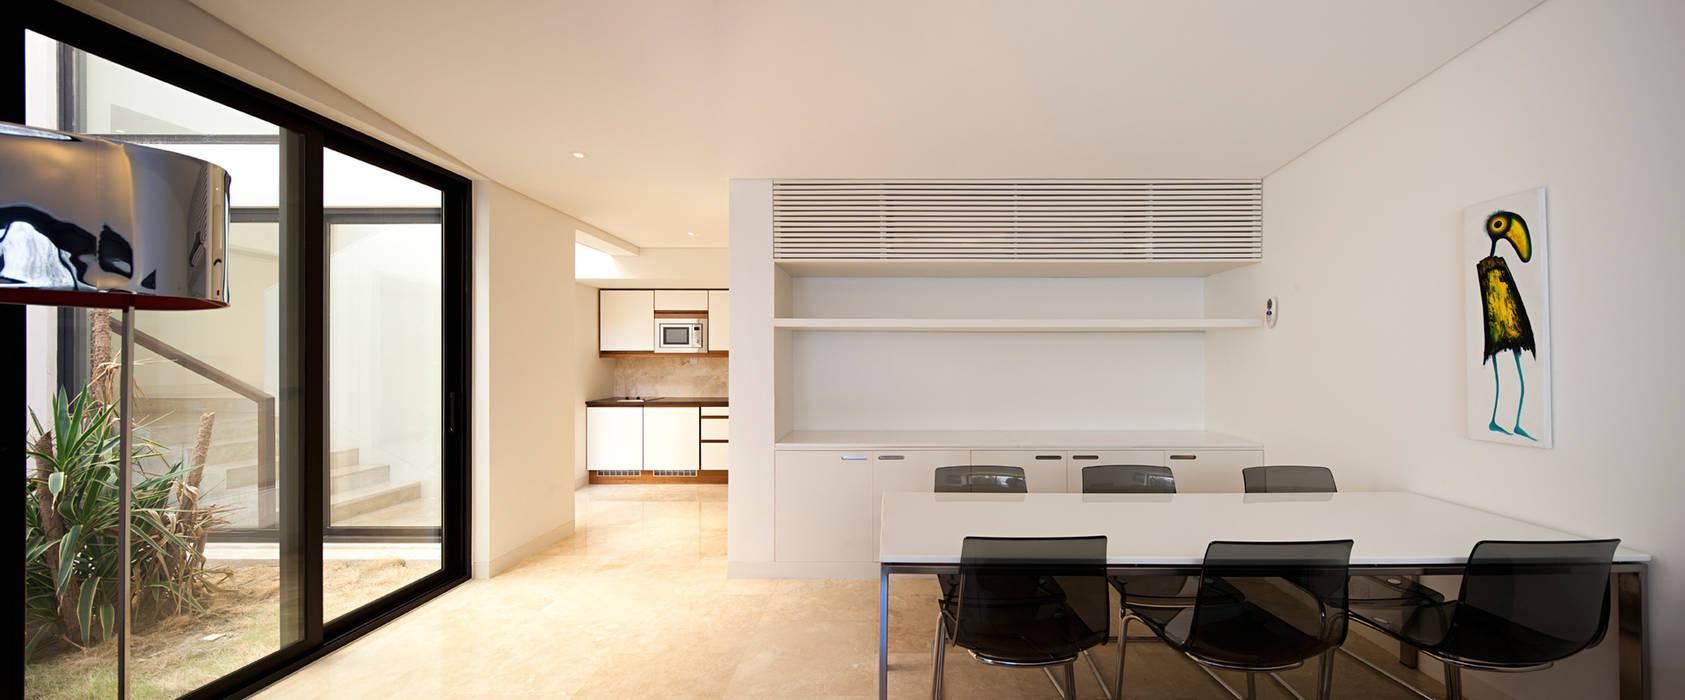 Casa unifamiliar diseñada y construida por AGI Architects: Cocinas integrales de estilo  de AGi architects arquitectos y diseñadores en Madrid